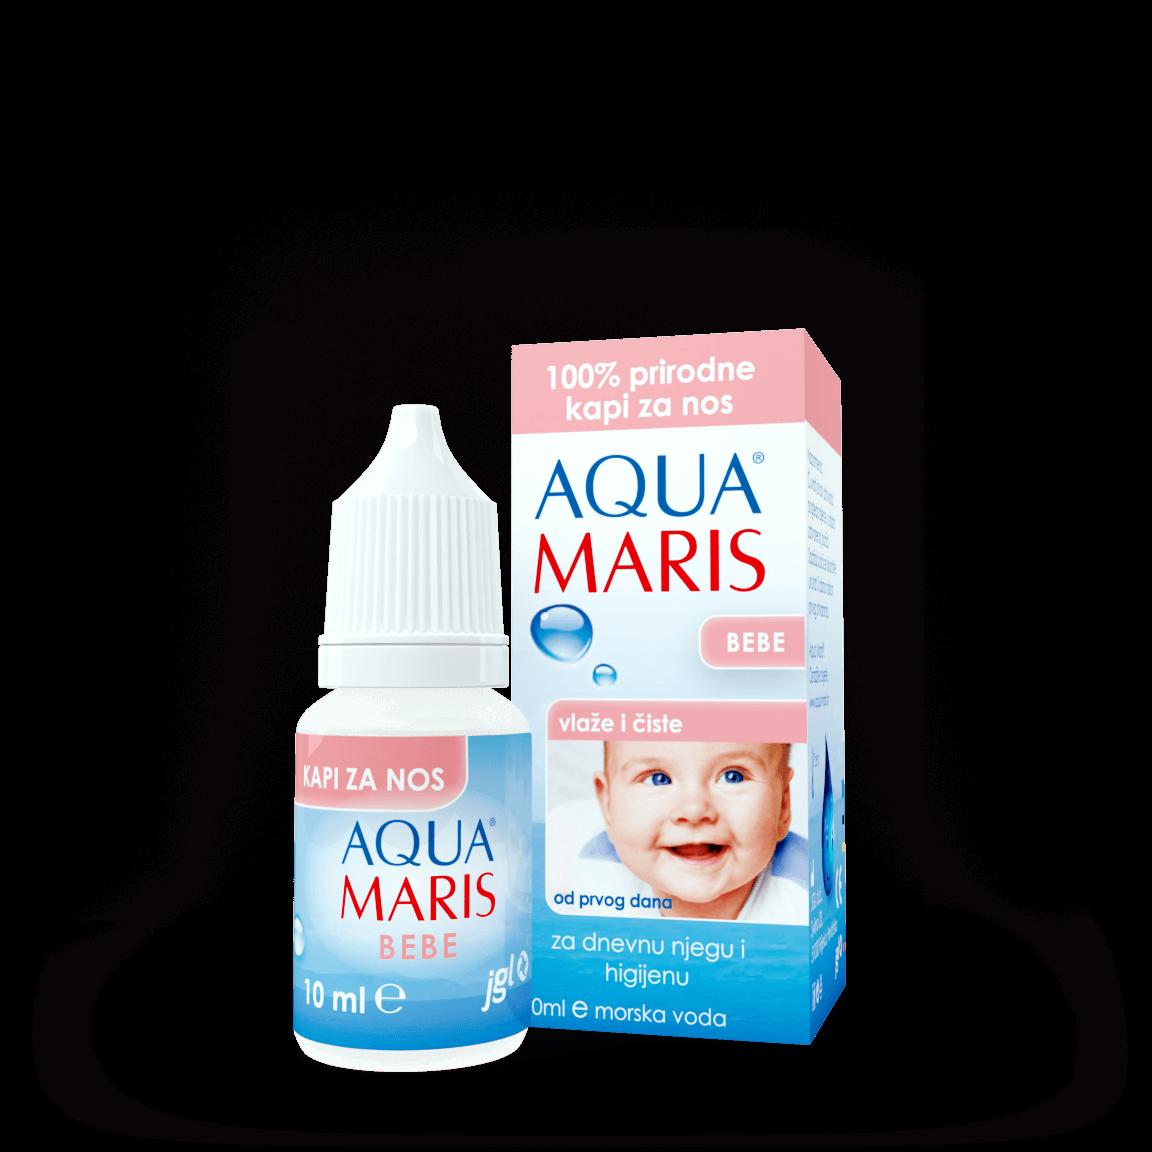 Aqua Maris Bebe